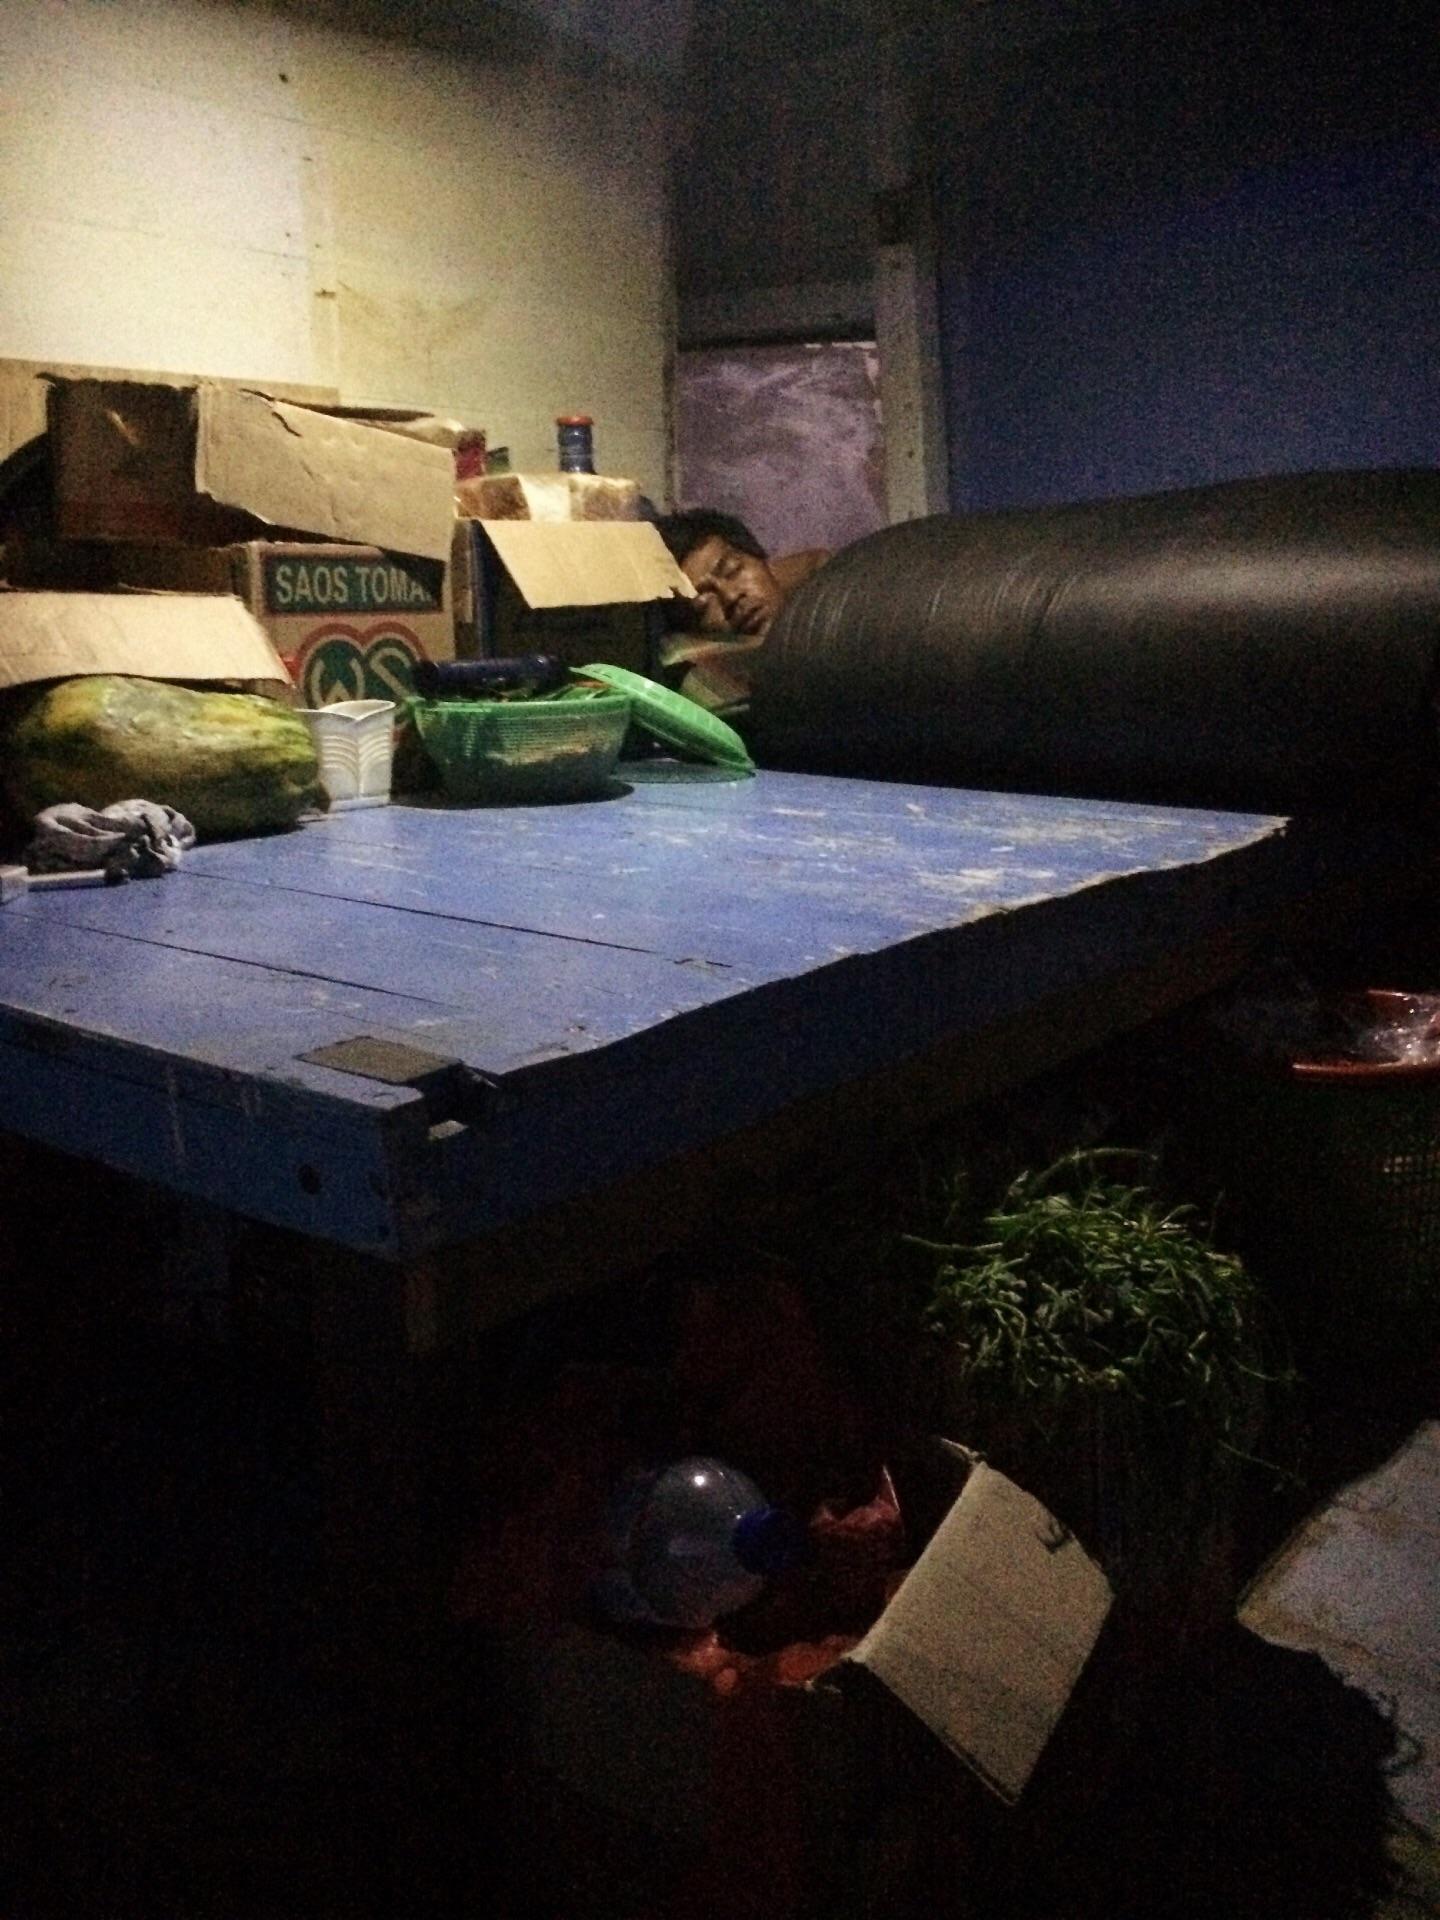 Tavolo della cucina e mozzo che dorme